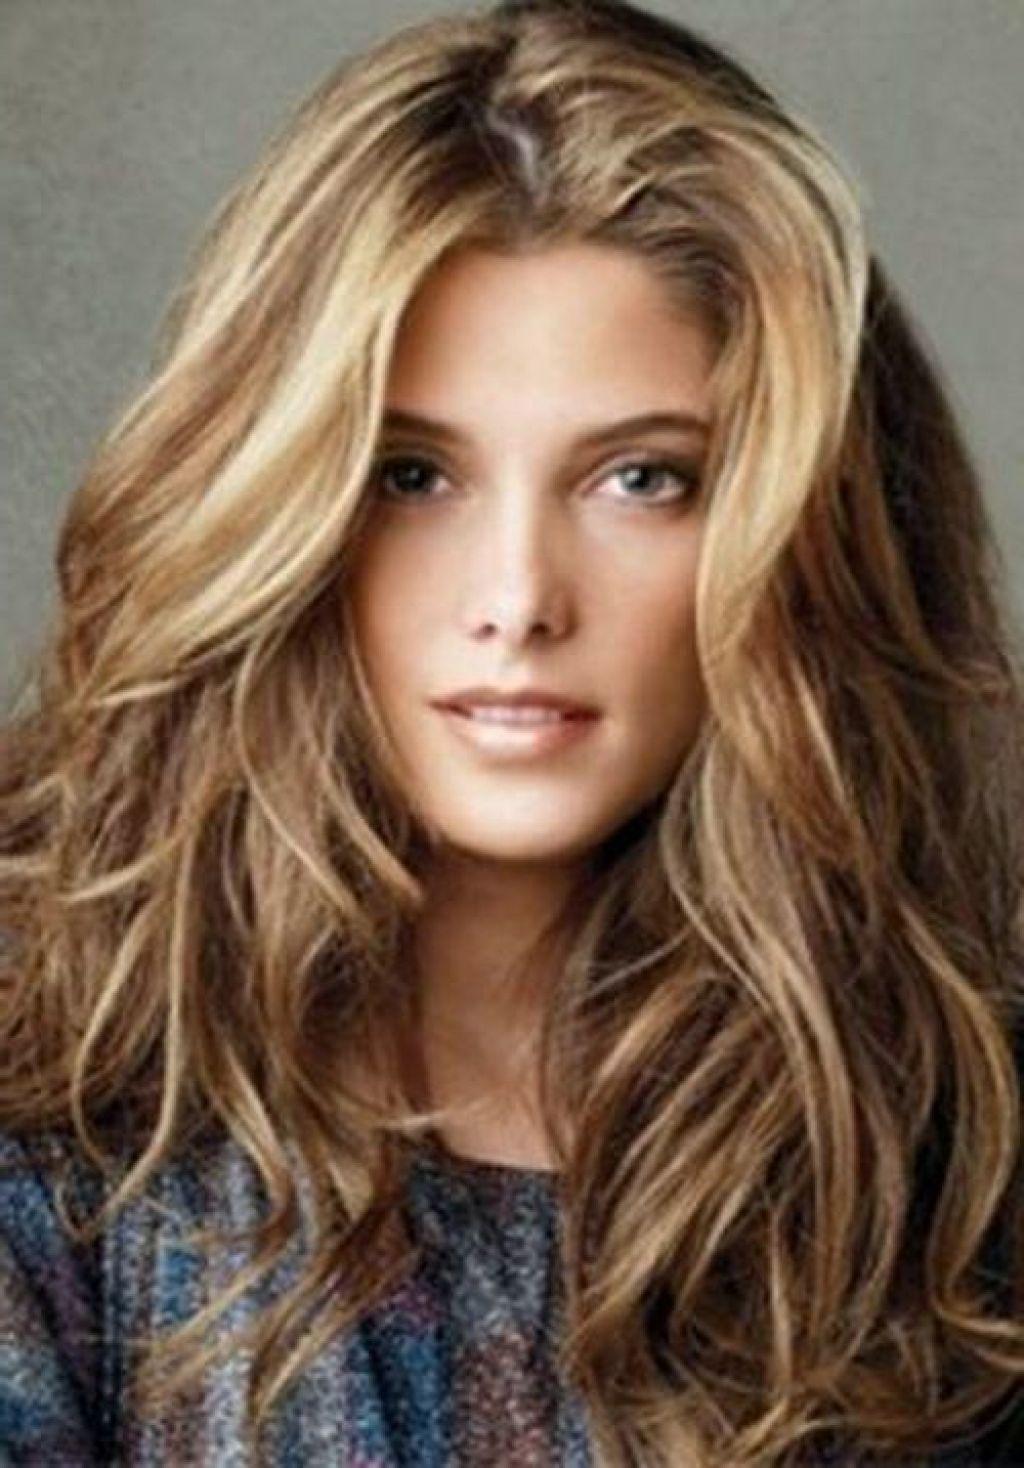 Licht-Haar-Farben-Ideen Für Blasse Haut Die Licht-Haar